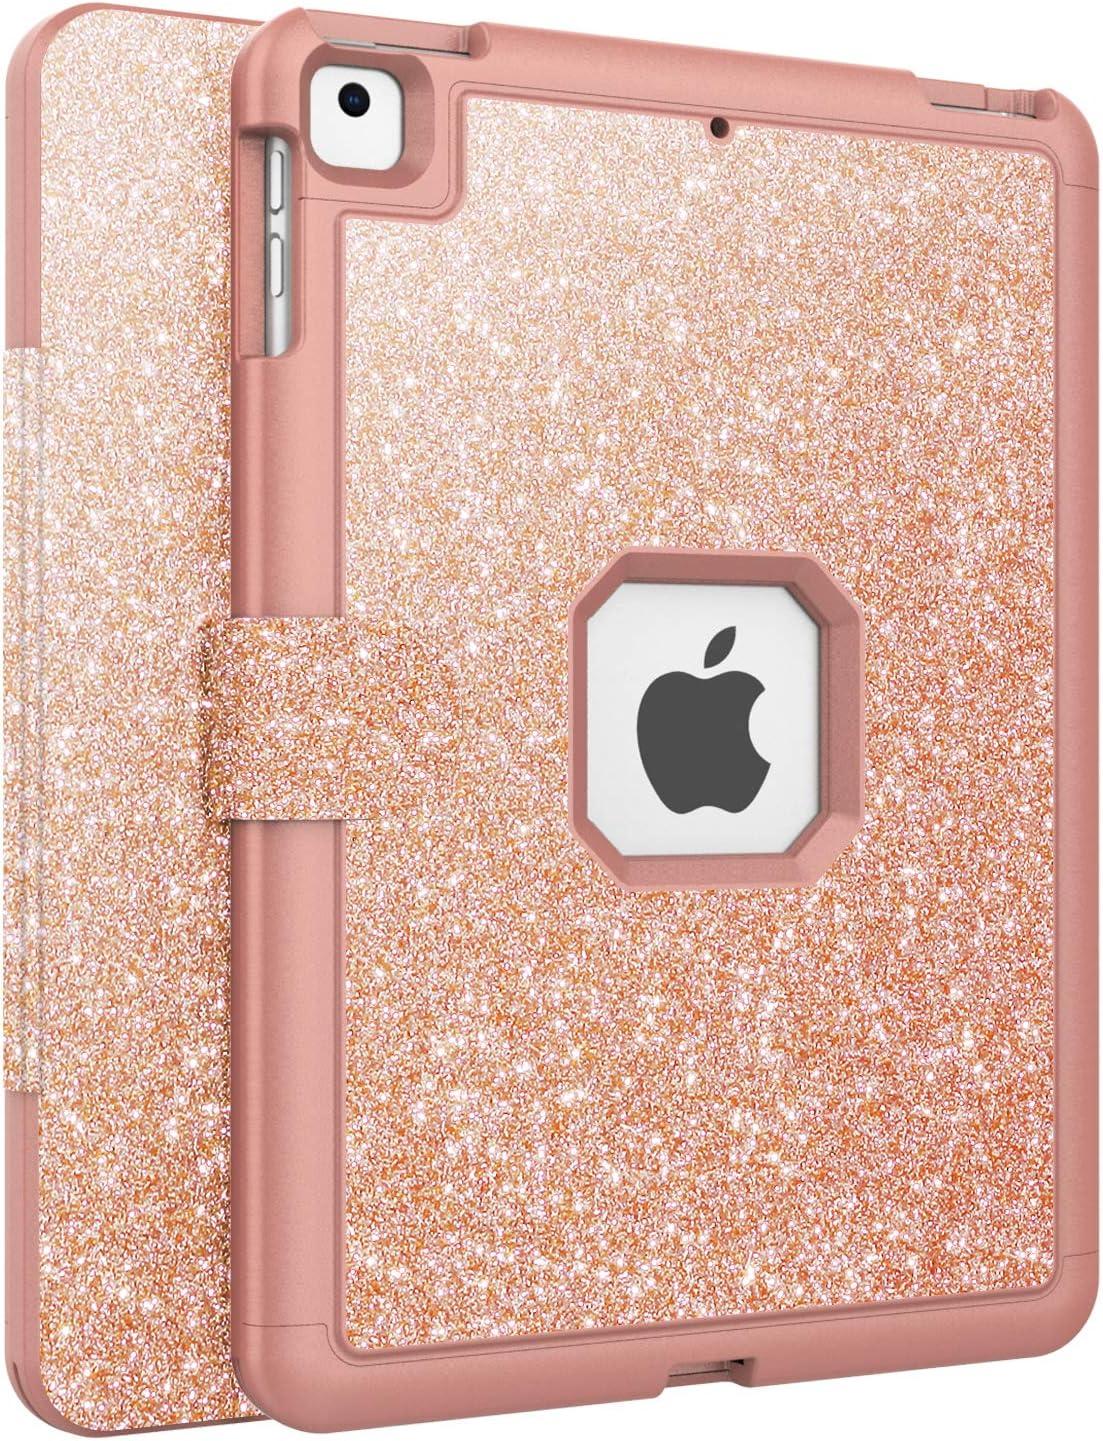 Carcasa Purpurina Cuero Sint/ético Magnetica con Funci/ón de Soporte Auto-Sue/ño//Estela para iPad Air//Air 2 //Pro 9,7 Pulgadas FAN SONG Funda para iPad 2018//2017 9.7 Oro Rosa